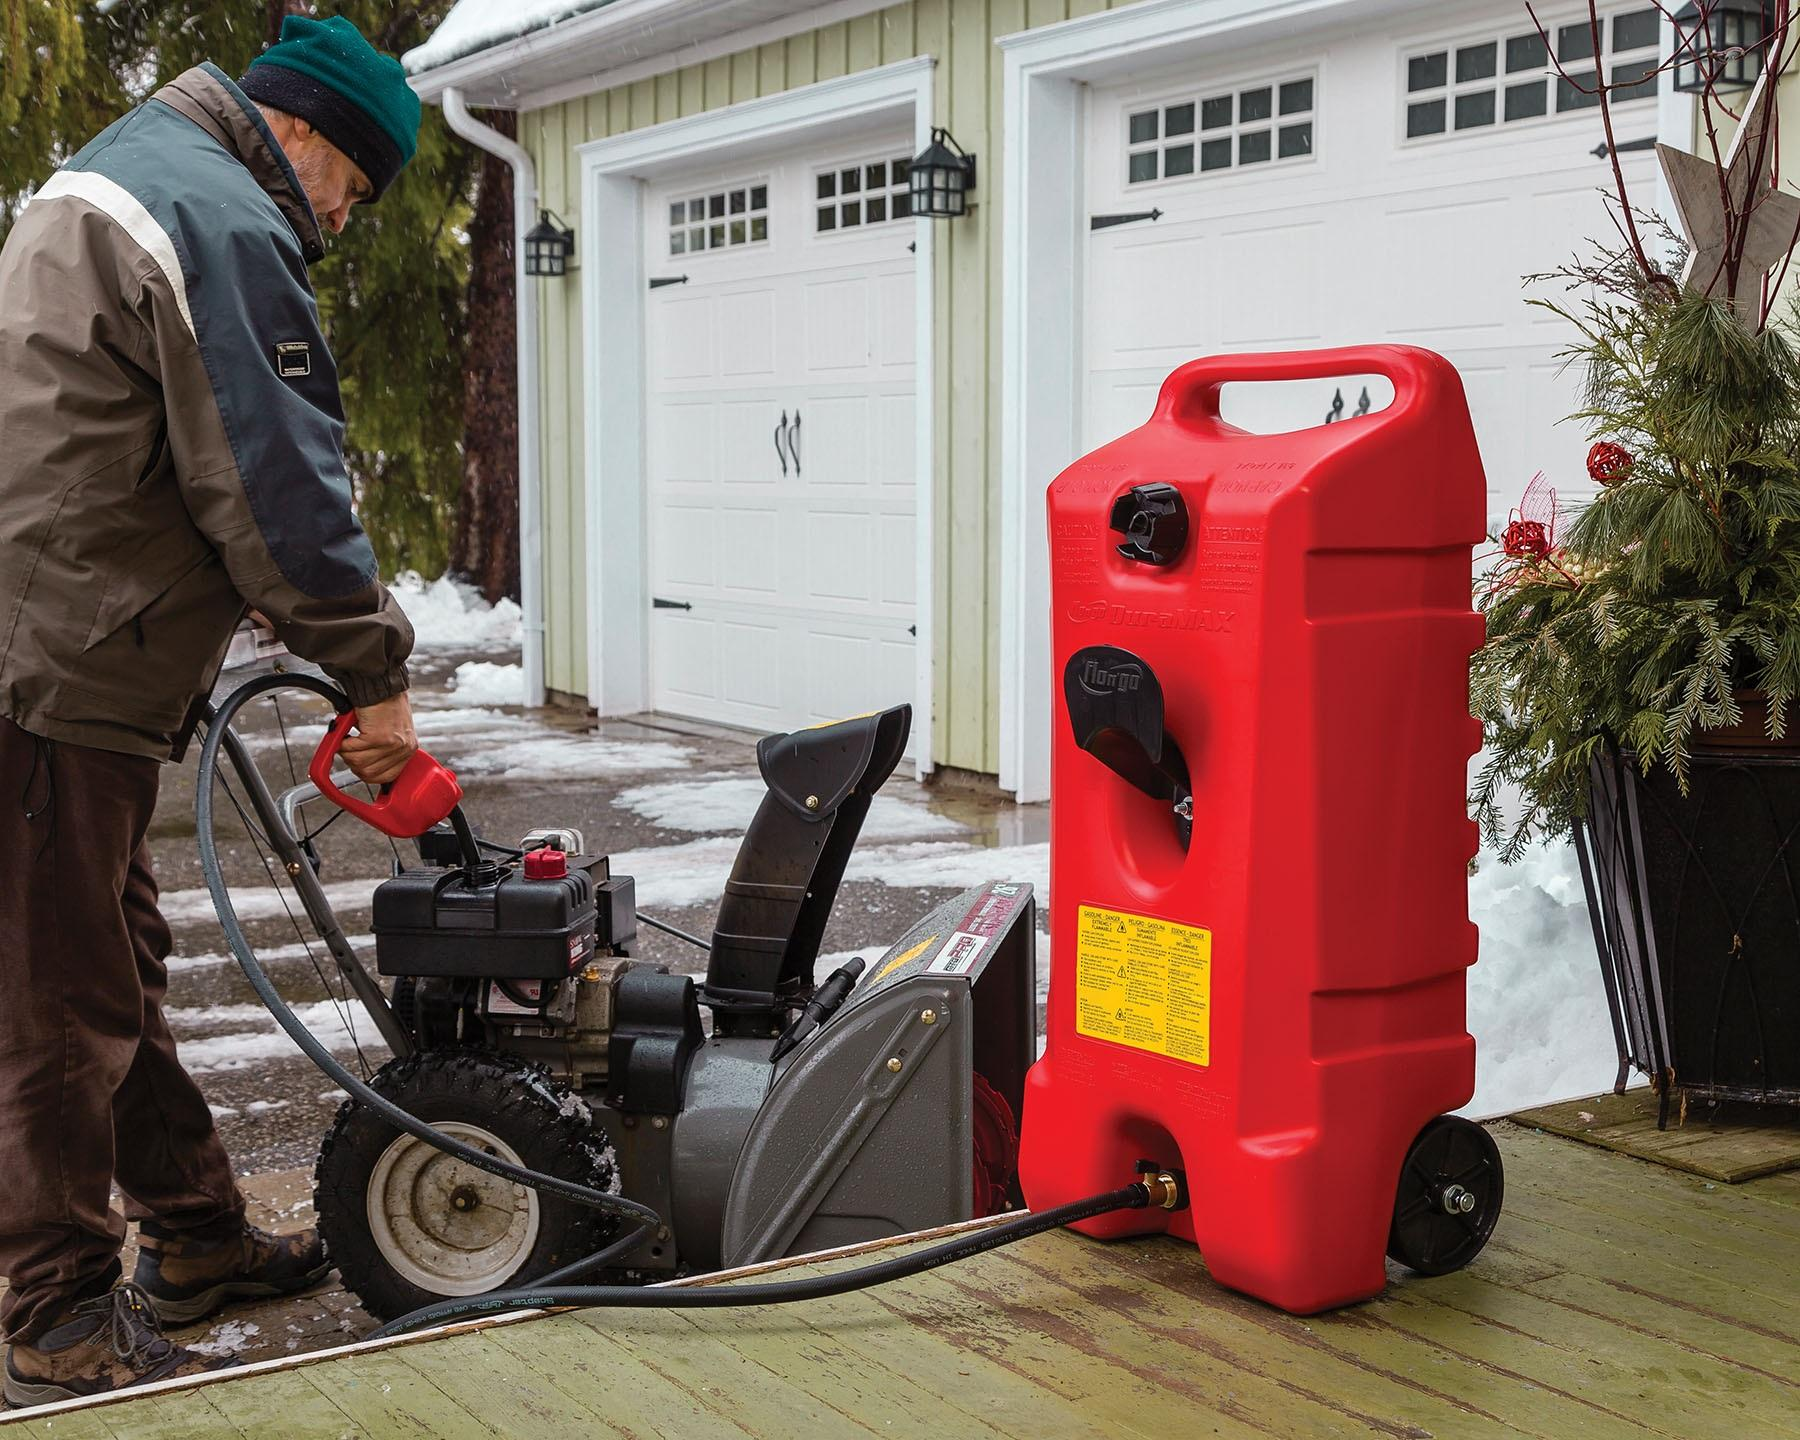 Amazoncom DuraMax Flo n Go LE Fluid Transfer Pump and 14 Gallon